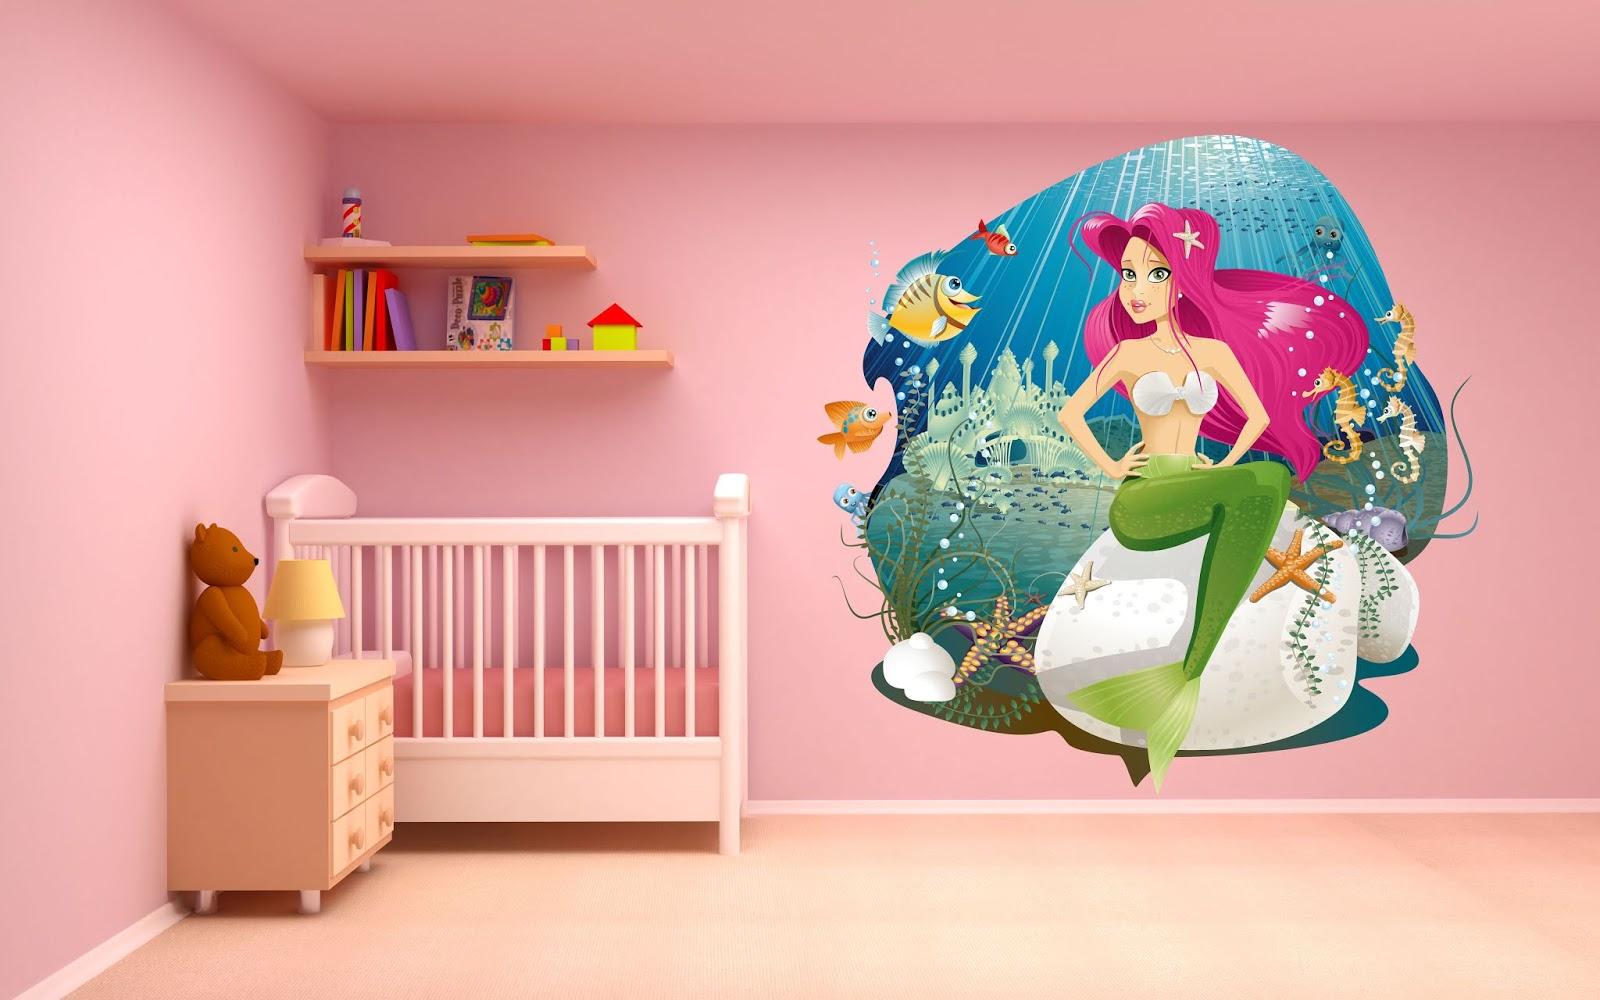 Adesivi Murali Cameretta Bimba.Look Grafica Adesivi Murali Per La Cameretta Dei Bambini Tante